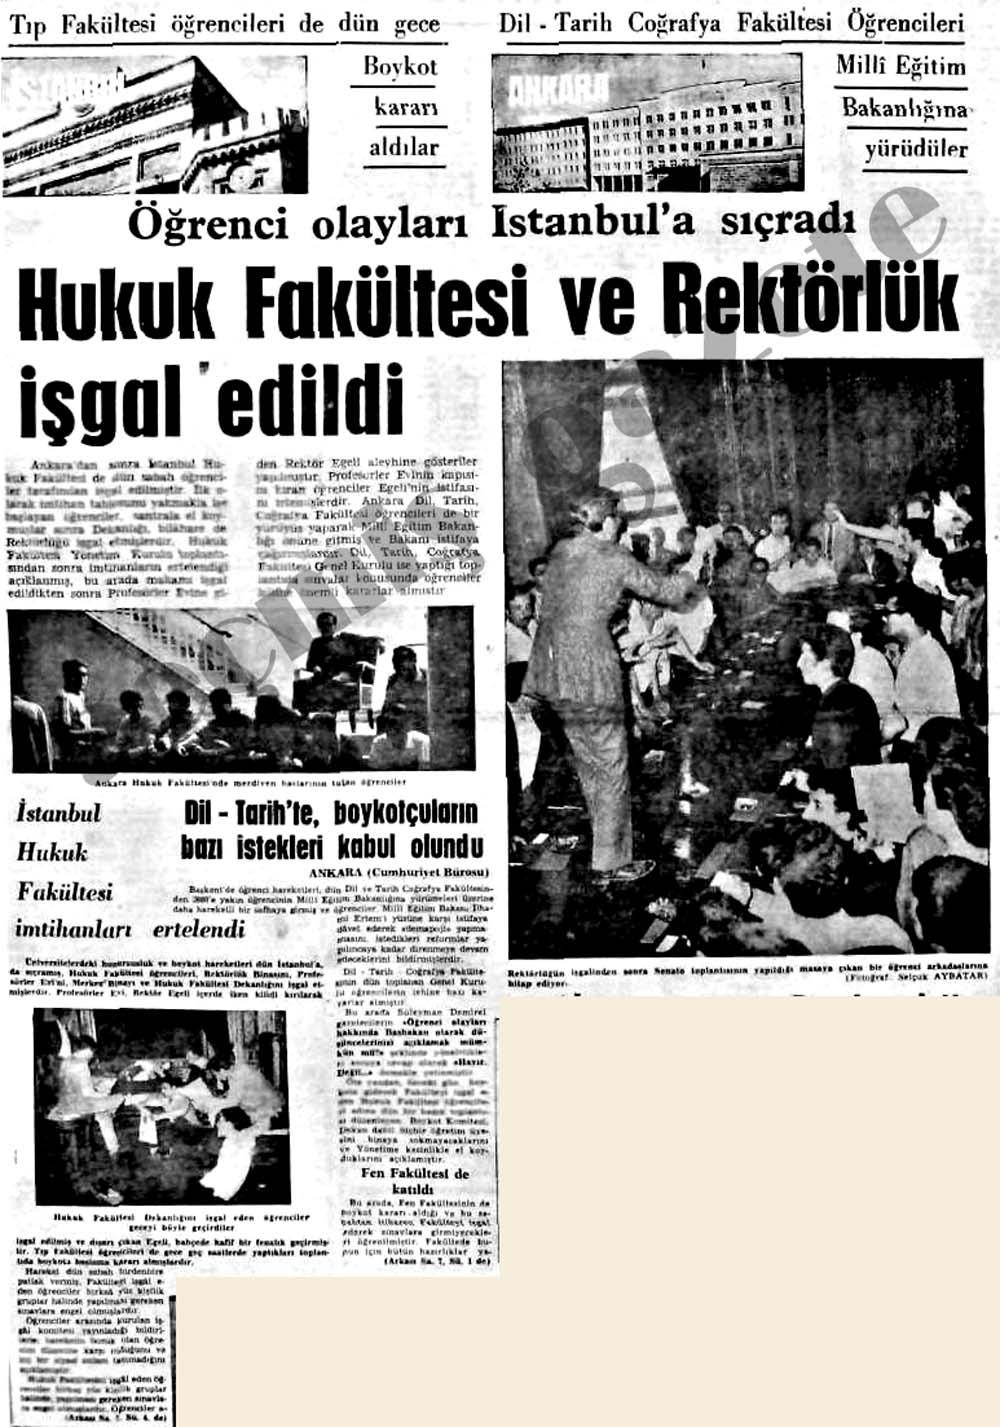 Öğrenci olayları İstanbul'a sıçradı Hukuk Fakültesi ve Rektörlük işgal edildi